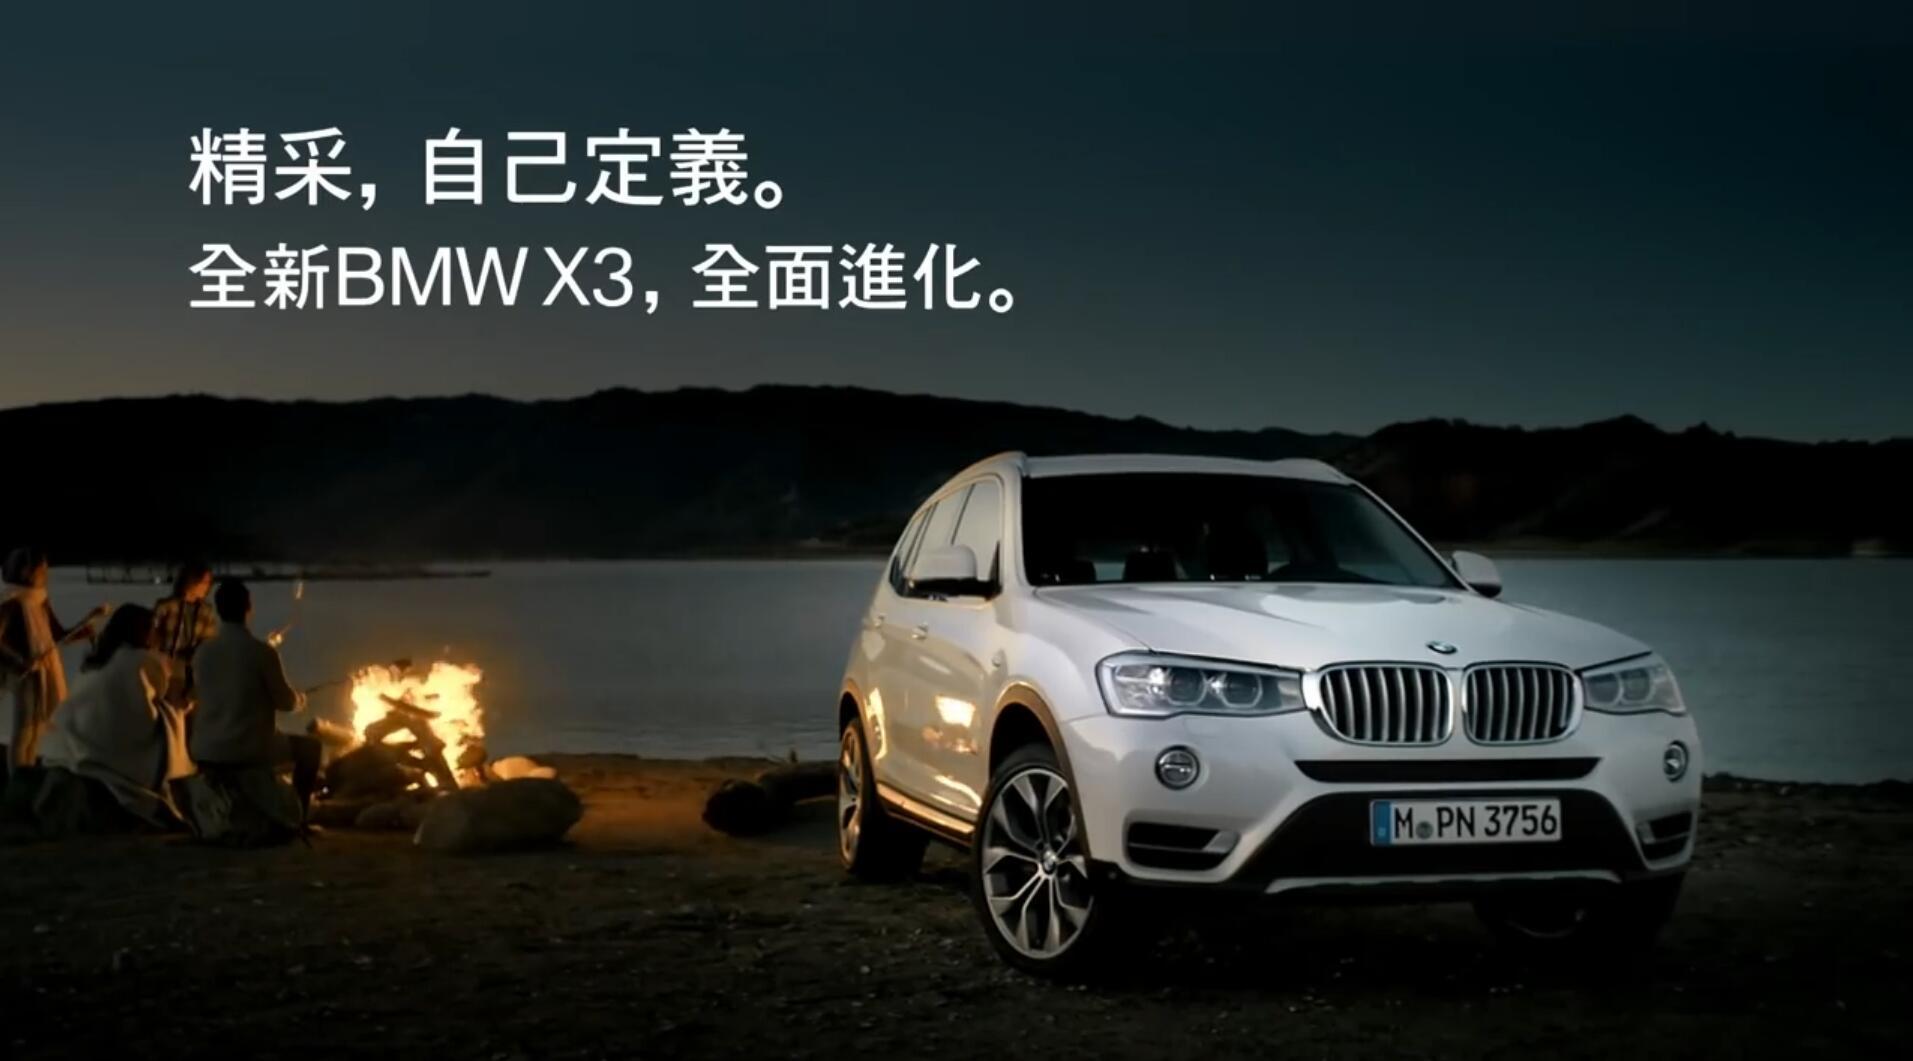 精彩, 自己定义。 全新BMW X3全面进化